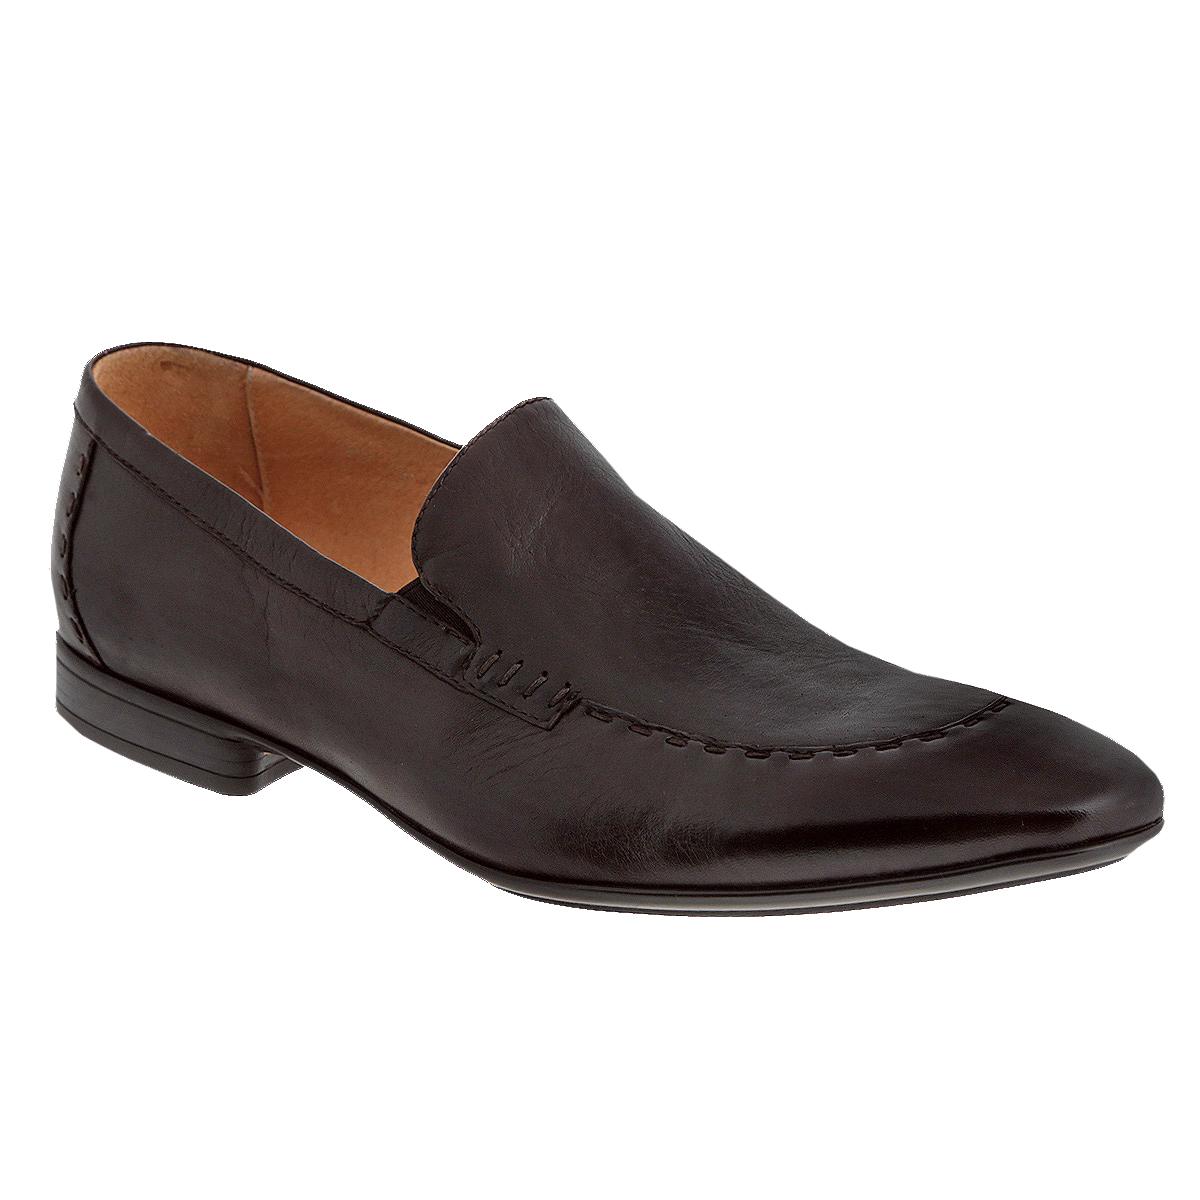 Туфли мужские. M17929M17929Изысканные мужские туфли Vitacci отлично дополнят ваш деловой образ. Модель выполнена из натуральной высококачественной кожи и декорирована крупной прострочкой на мысе и на заднике. Резинки, расположенные на подъеме, гарантируют оптимальную посадку модели на ноге. Стелька из материала EVA с внешней поверхностью из натуральной кожи комфортна при движении. Низкий каблук и подошва с рифлением обеспечивают отличное сцепление с поверхностью. Стильные туфли займут достойное место среди вашей коллекции обуви.